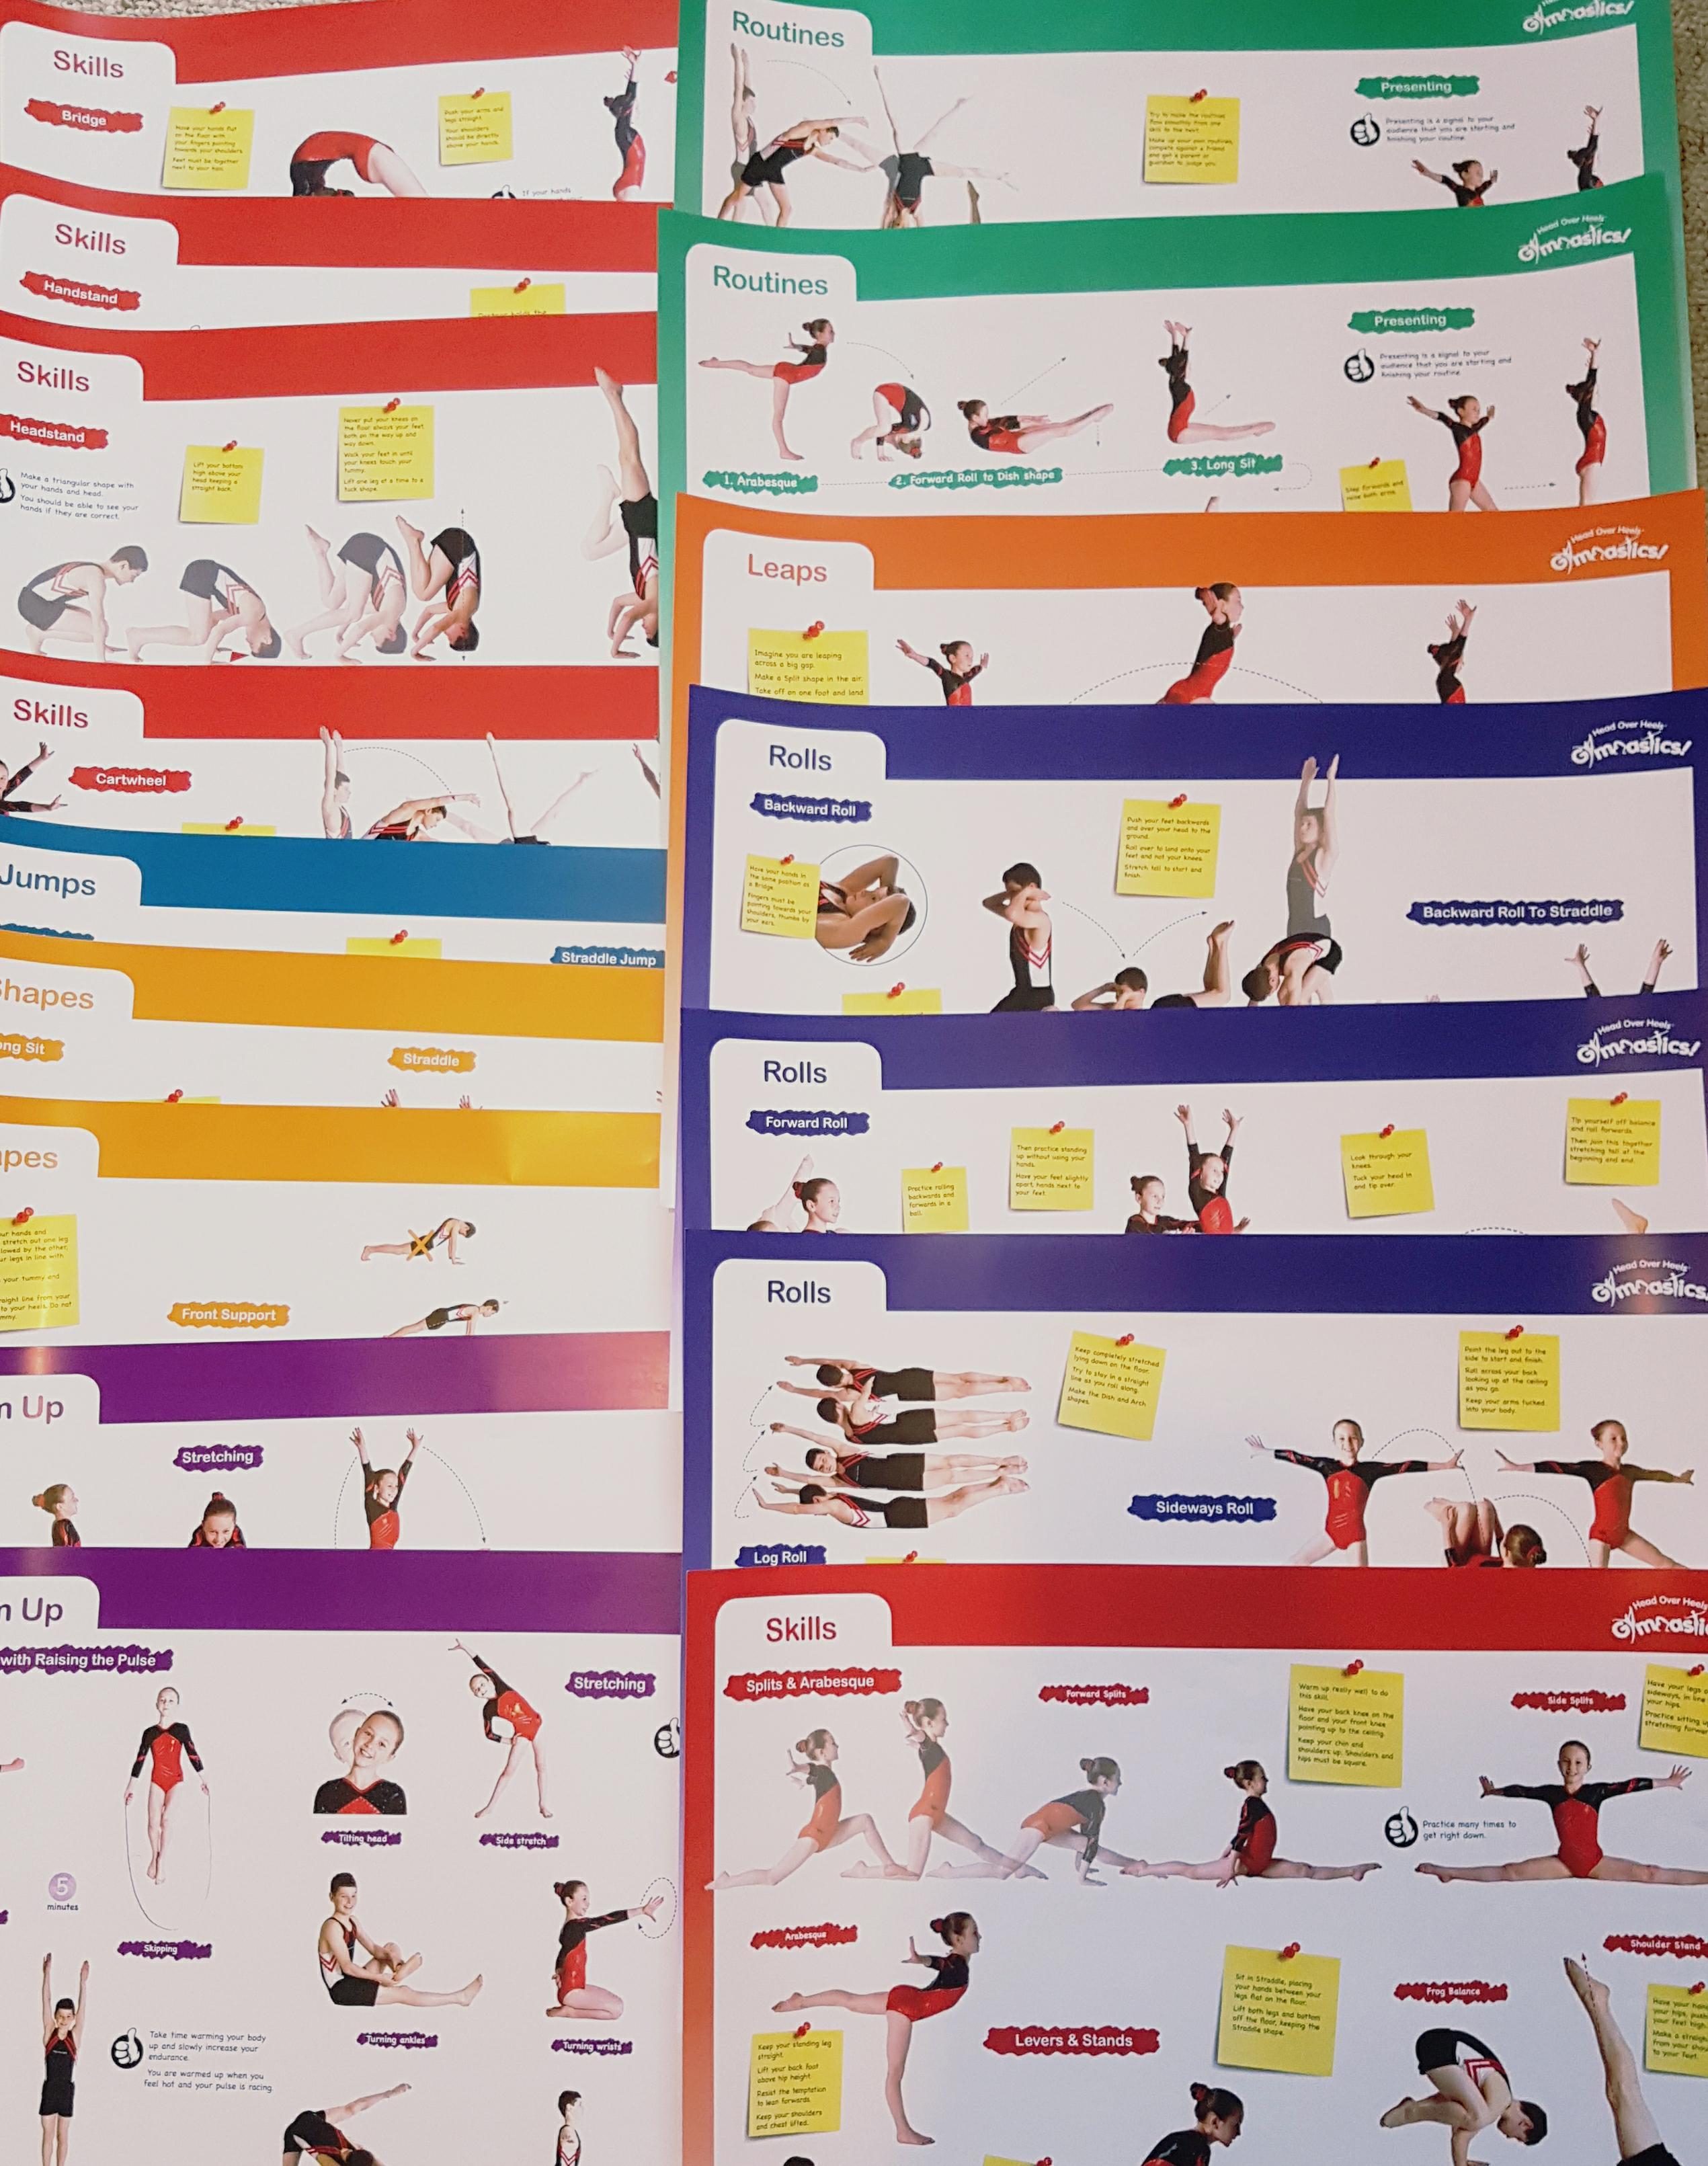 Gymnastics Floor Skills Posters [Download]